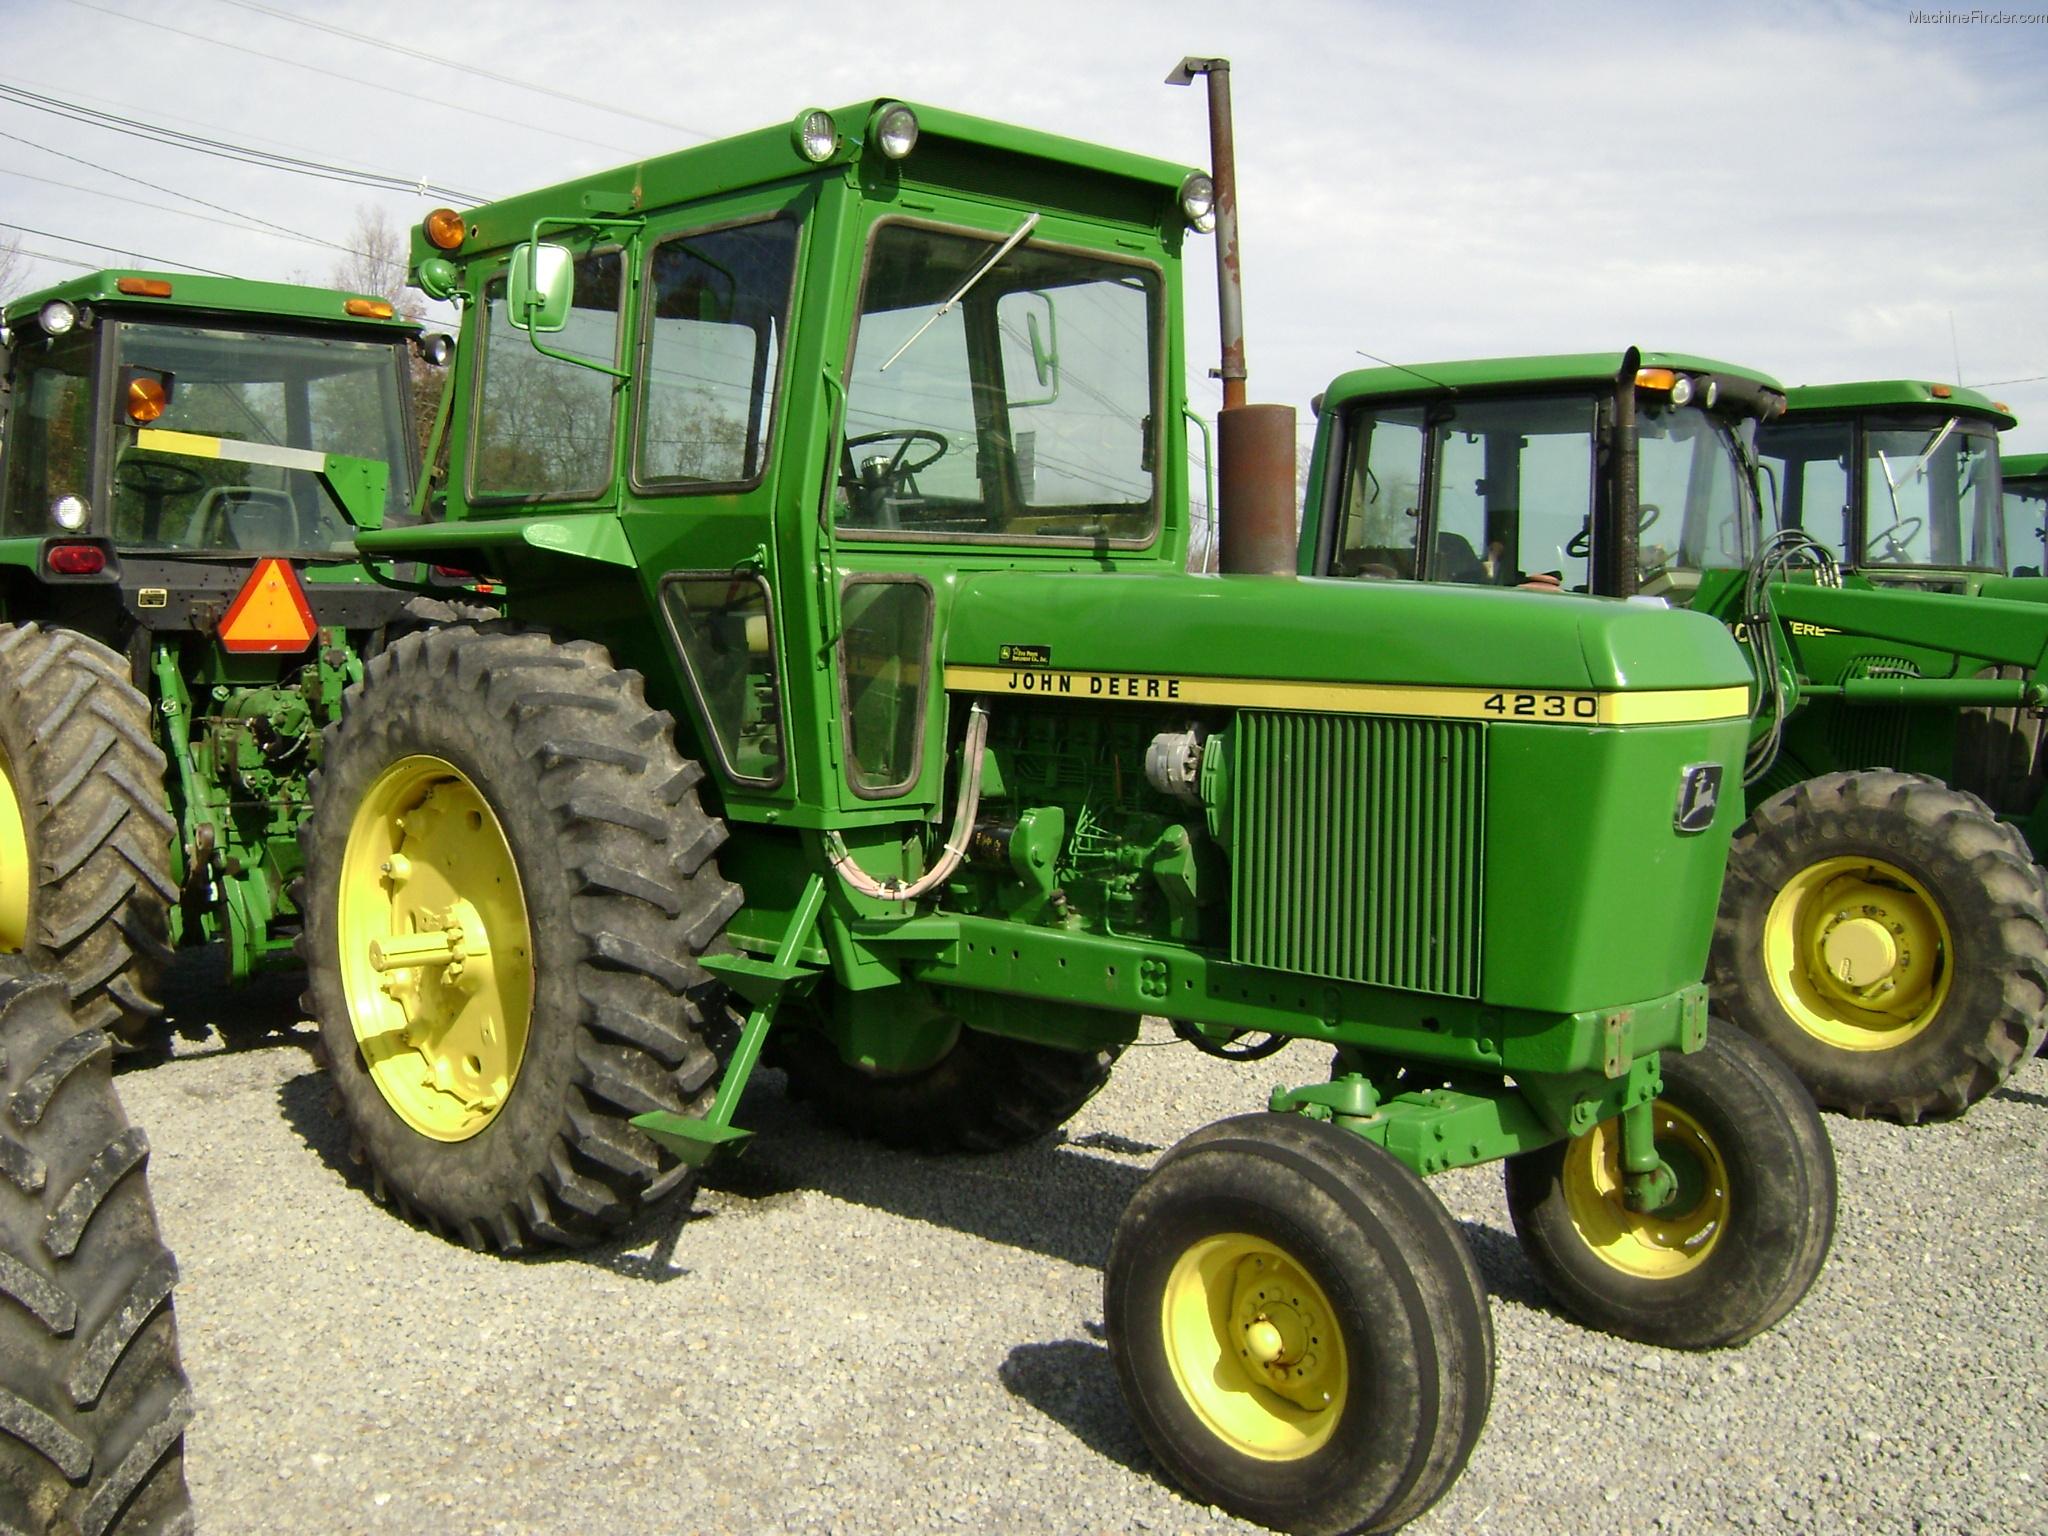 1973 John Deere 4230 Tractors - Row Crop (+100hp) - John ...